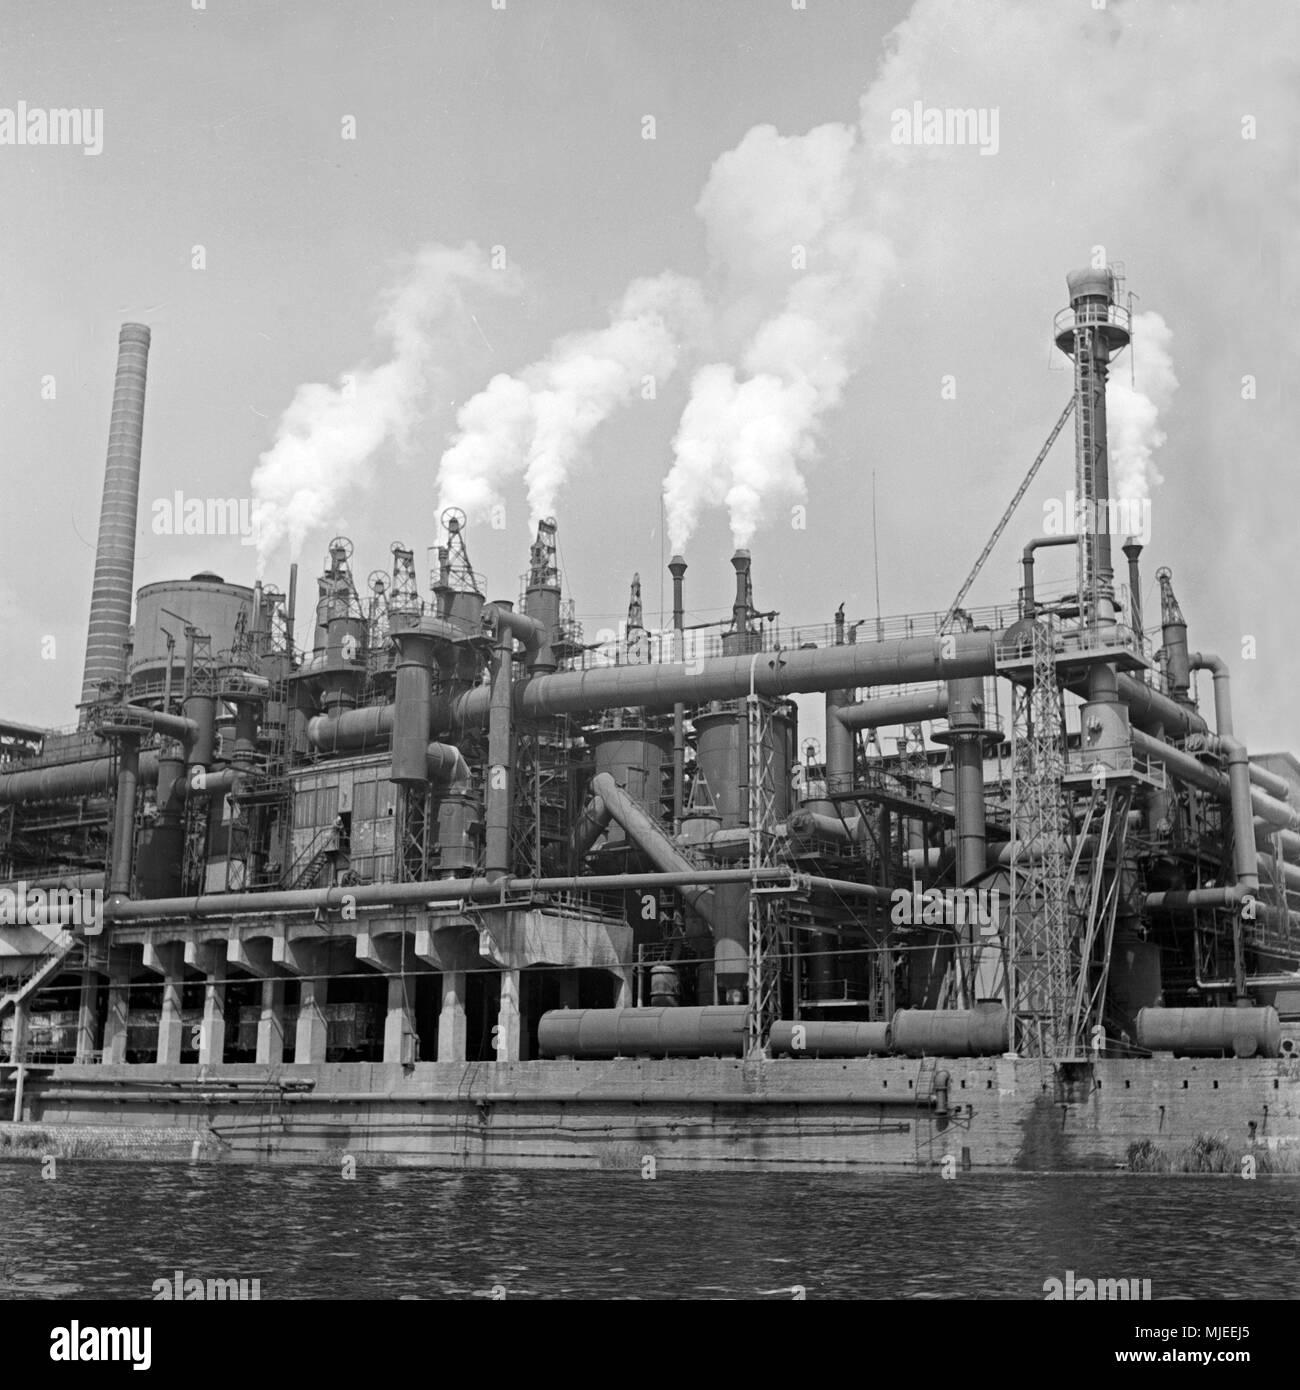 Die Friedrich Wilhelms Hütte in Mülheim an der Ruhr, Deutschland 1930er Jahre. Friedrich Wilhelms Huette, metallurgical plant at Muelheim, Germany 1930s. - Stock Image